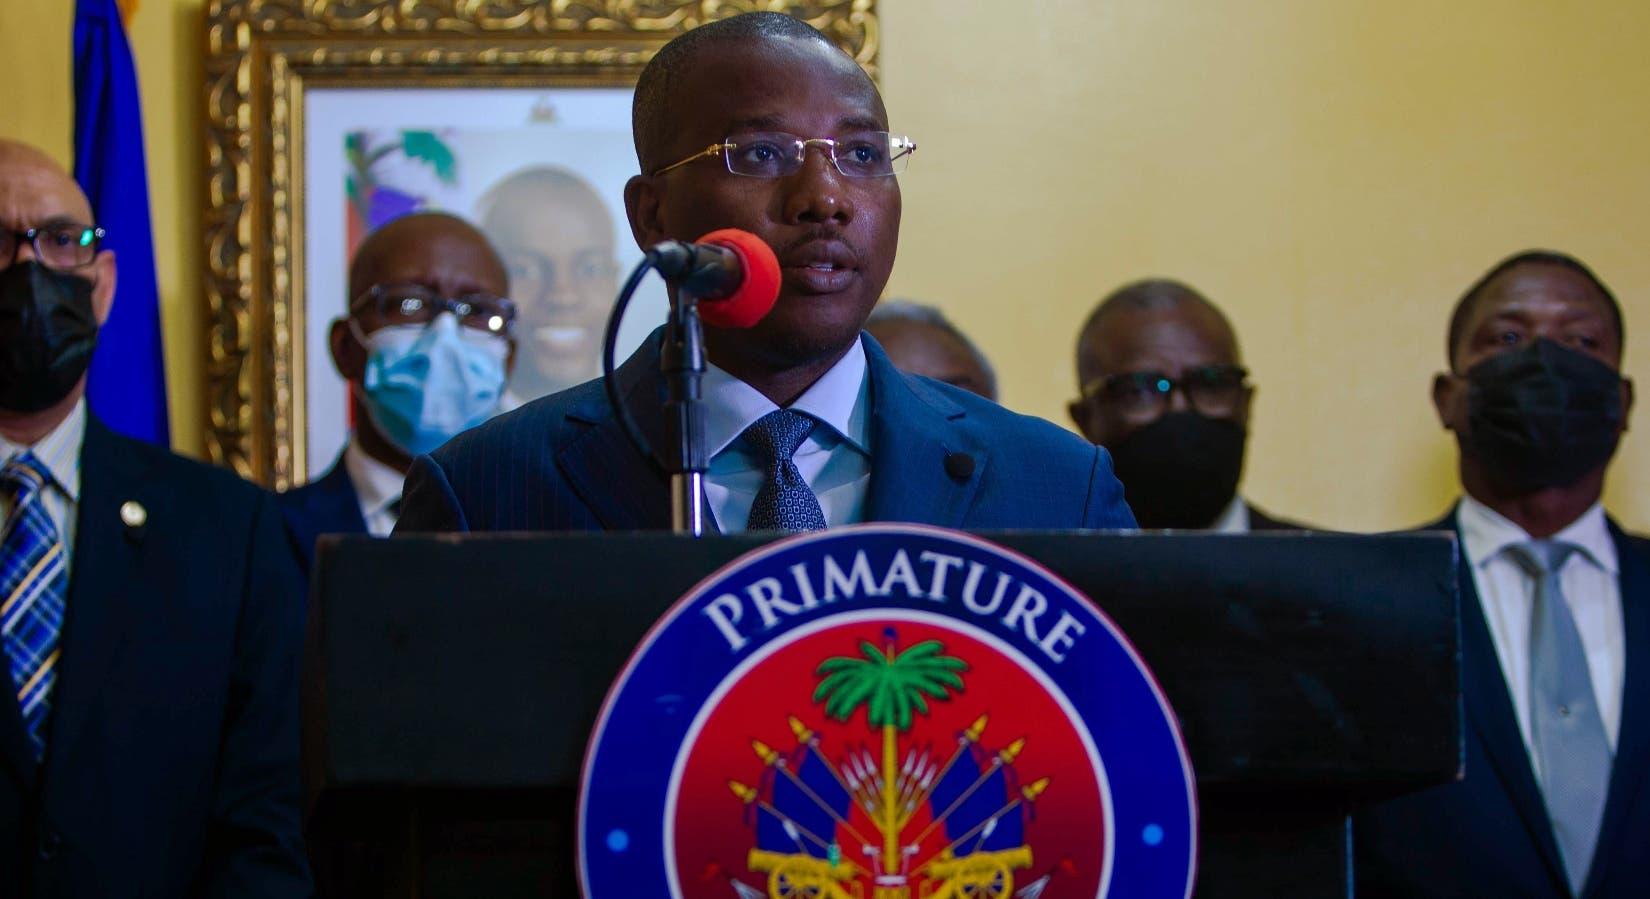 Estados Unidos pide elecciones libres en Haití  para este año